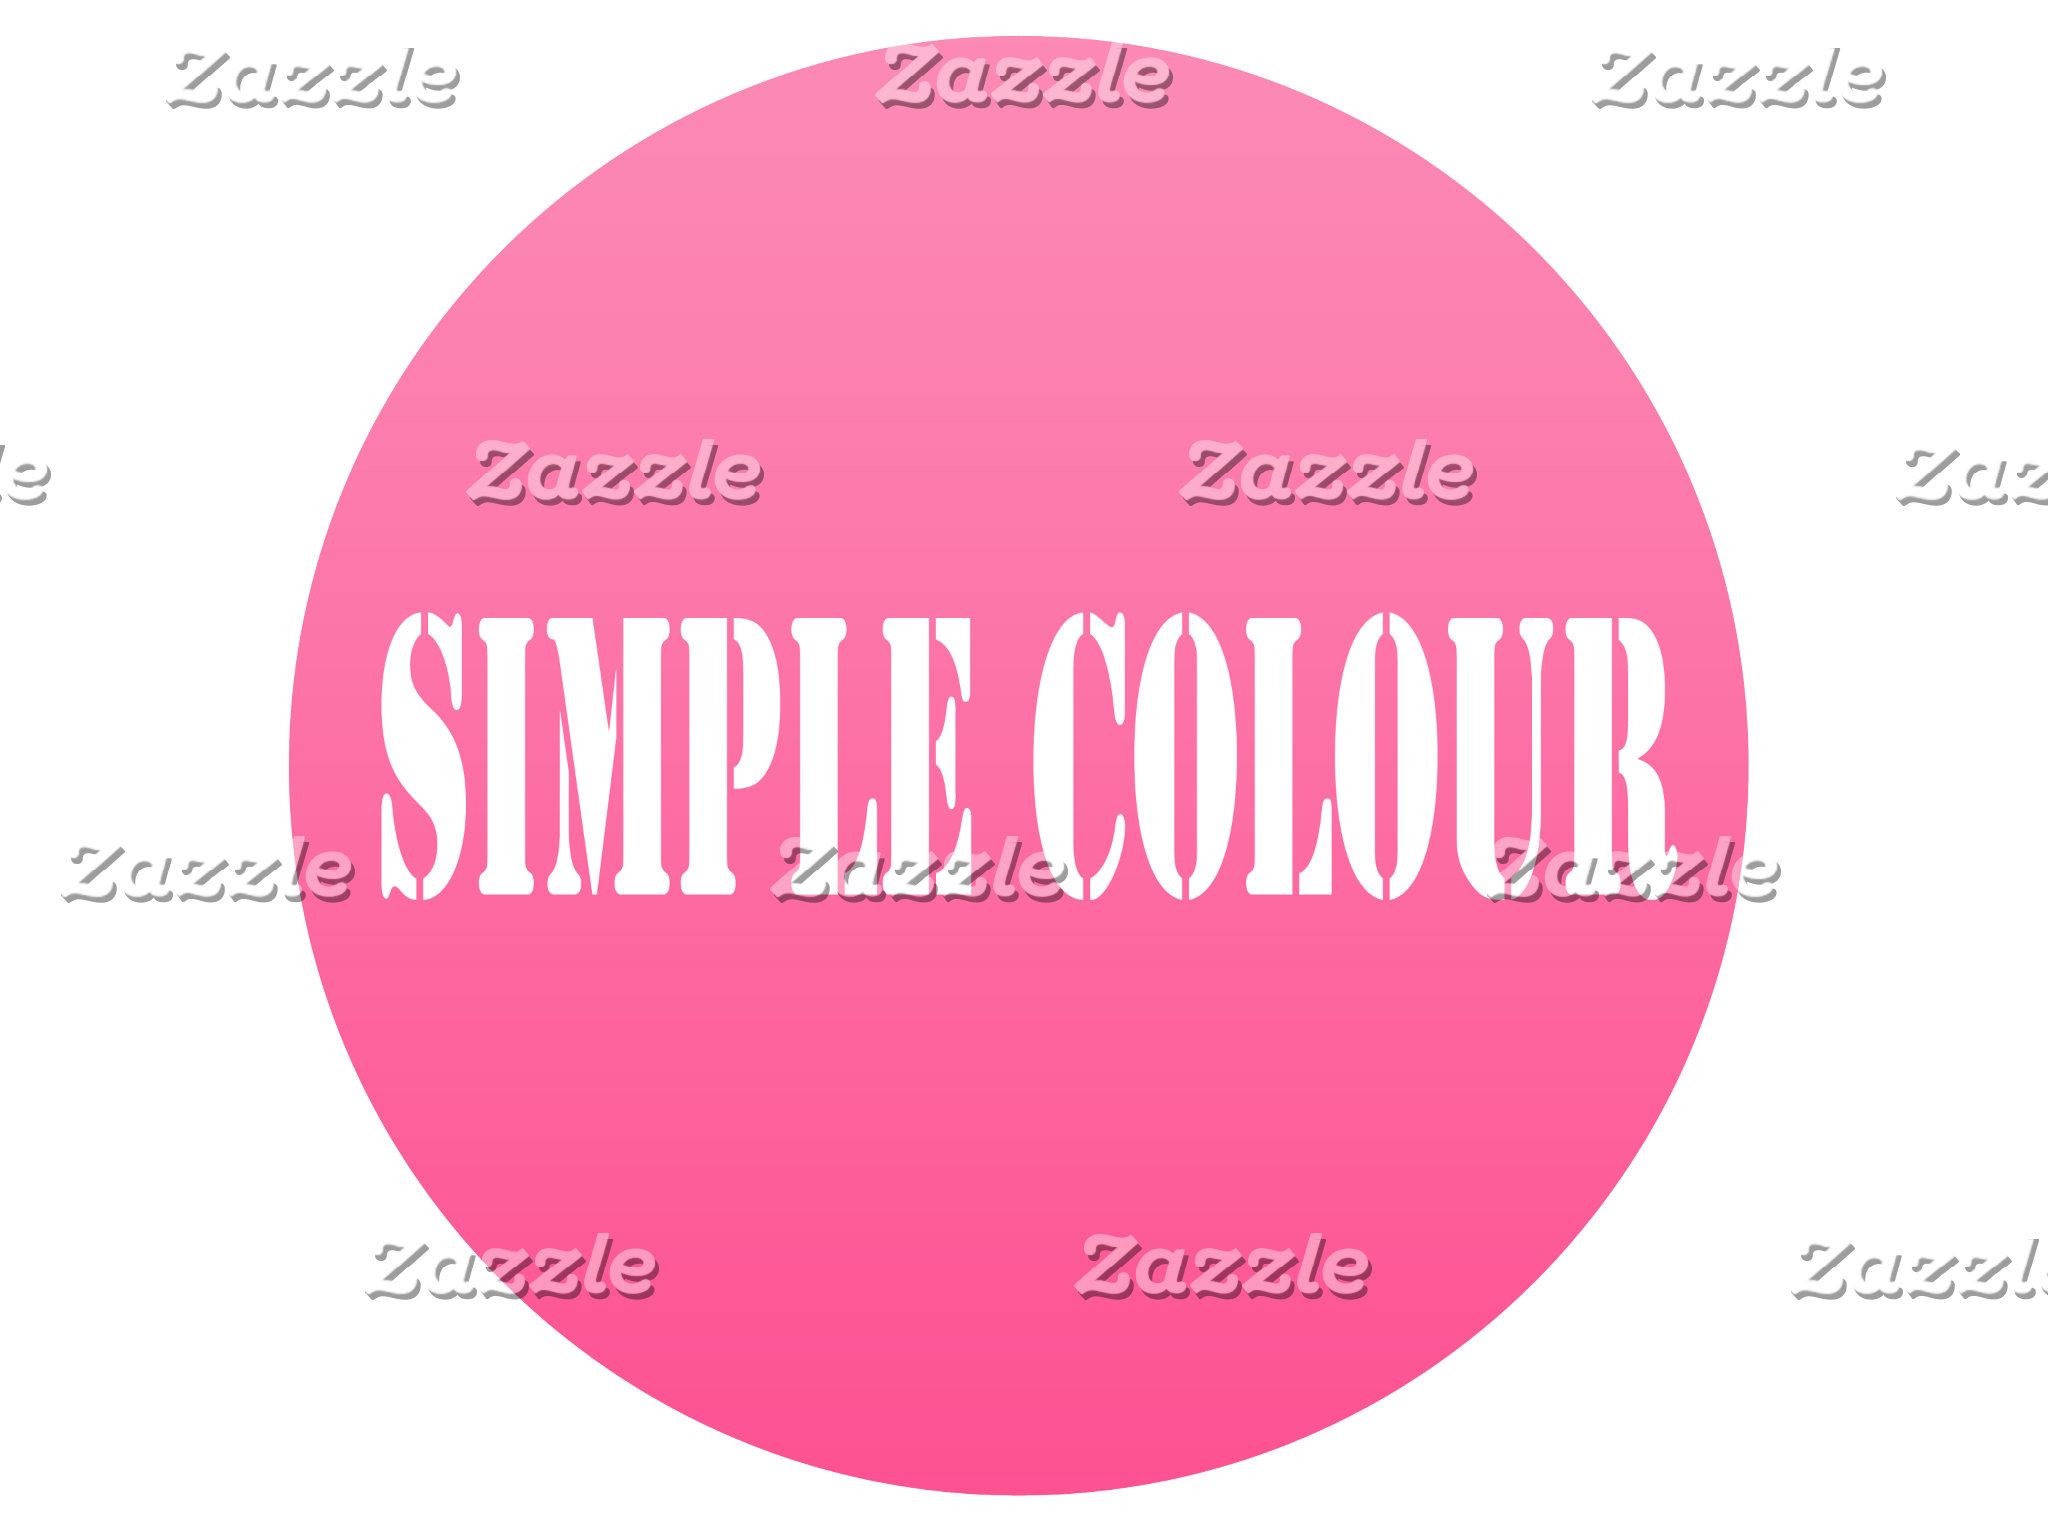 Simple colour